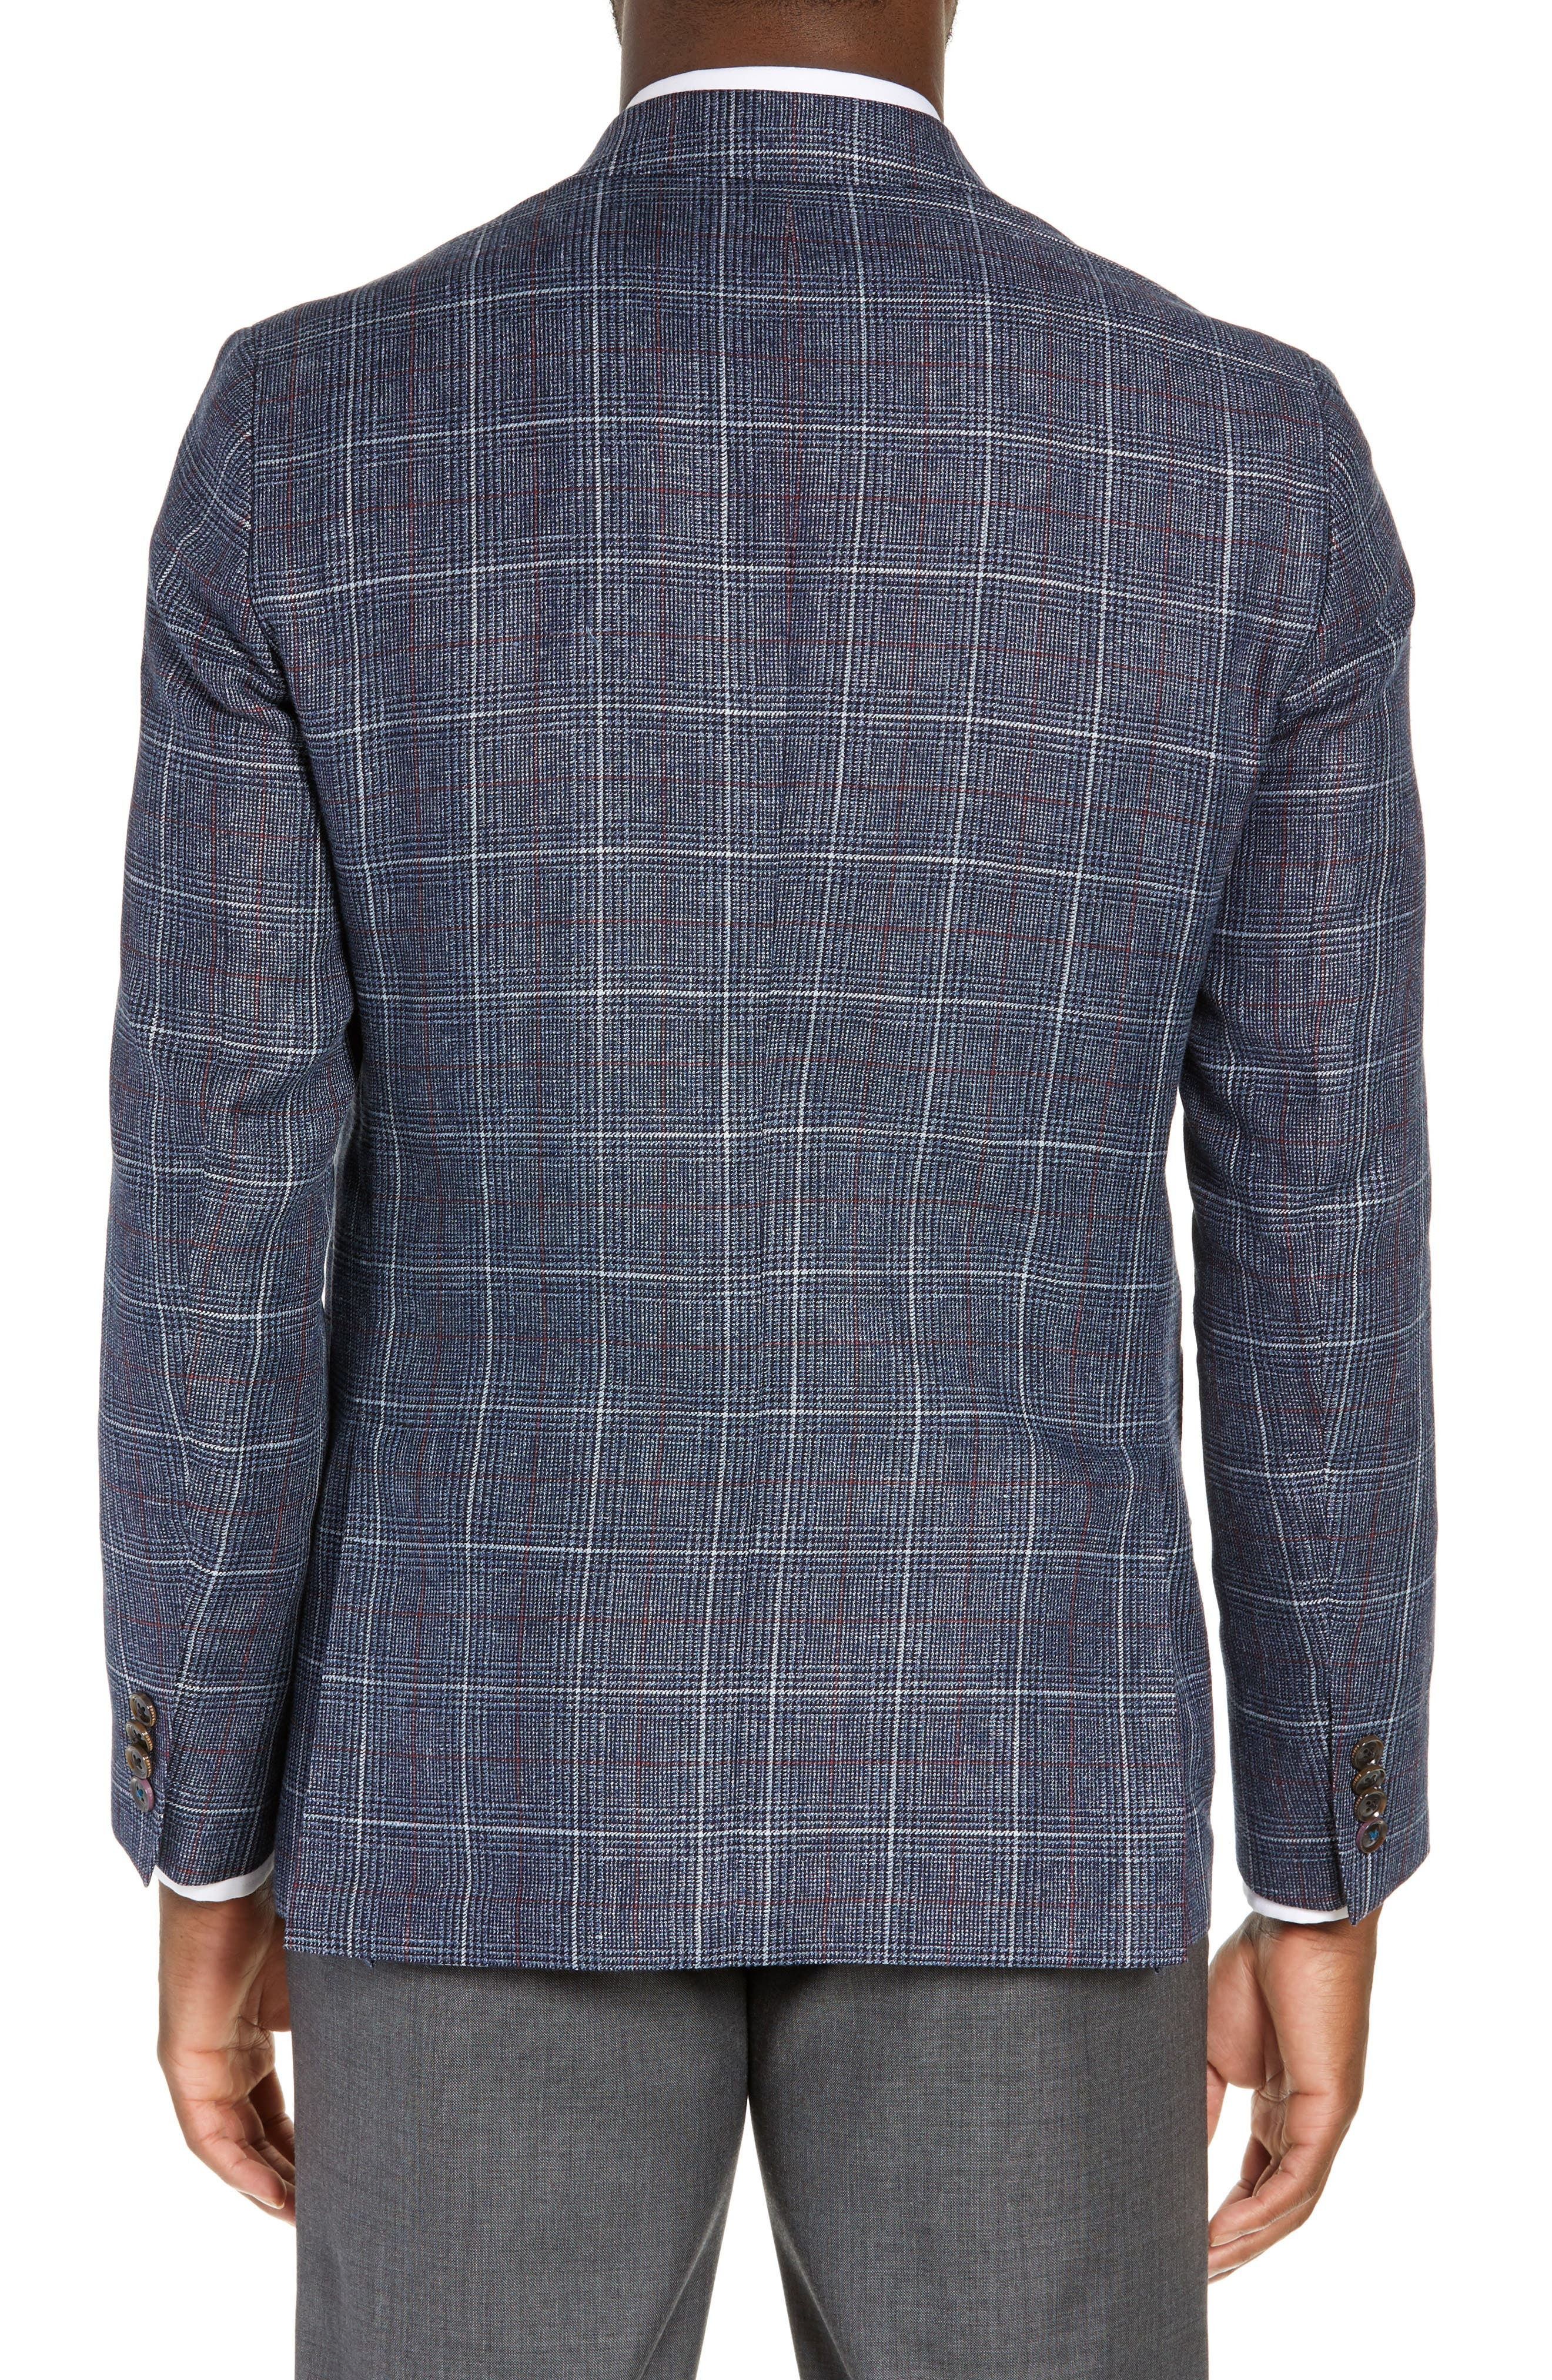 TED BAKER LONDON, Kyle Trim Fit Plaid Linen Blend Sport Coat, Alternate thumbnail 2, color, BLUE